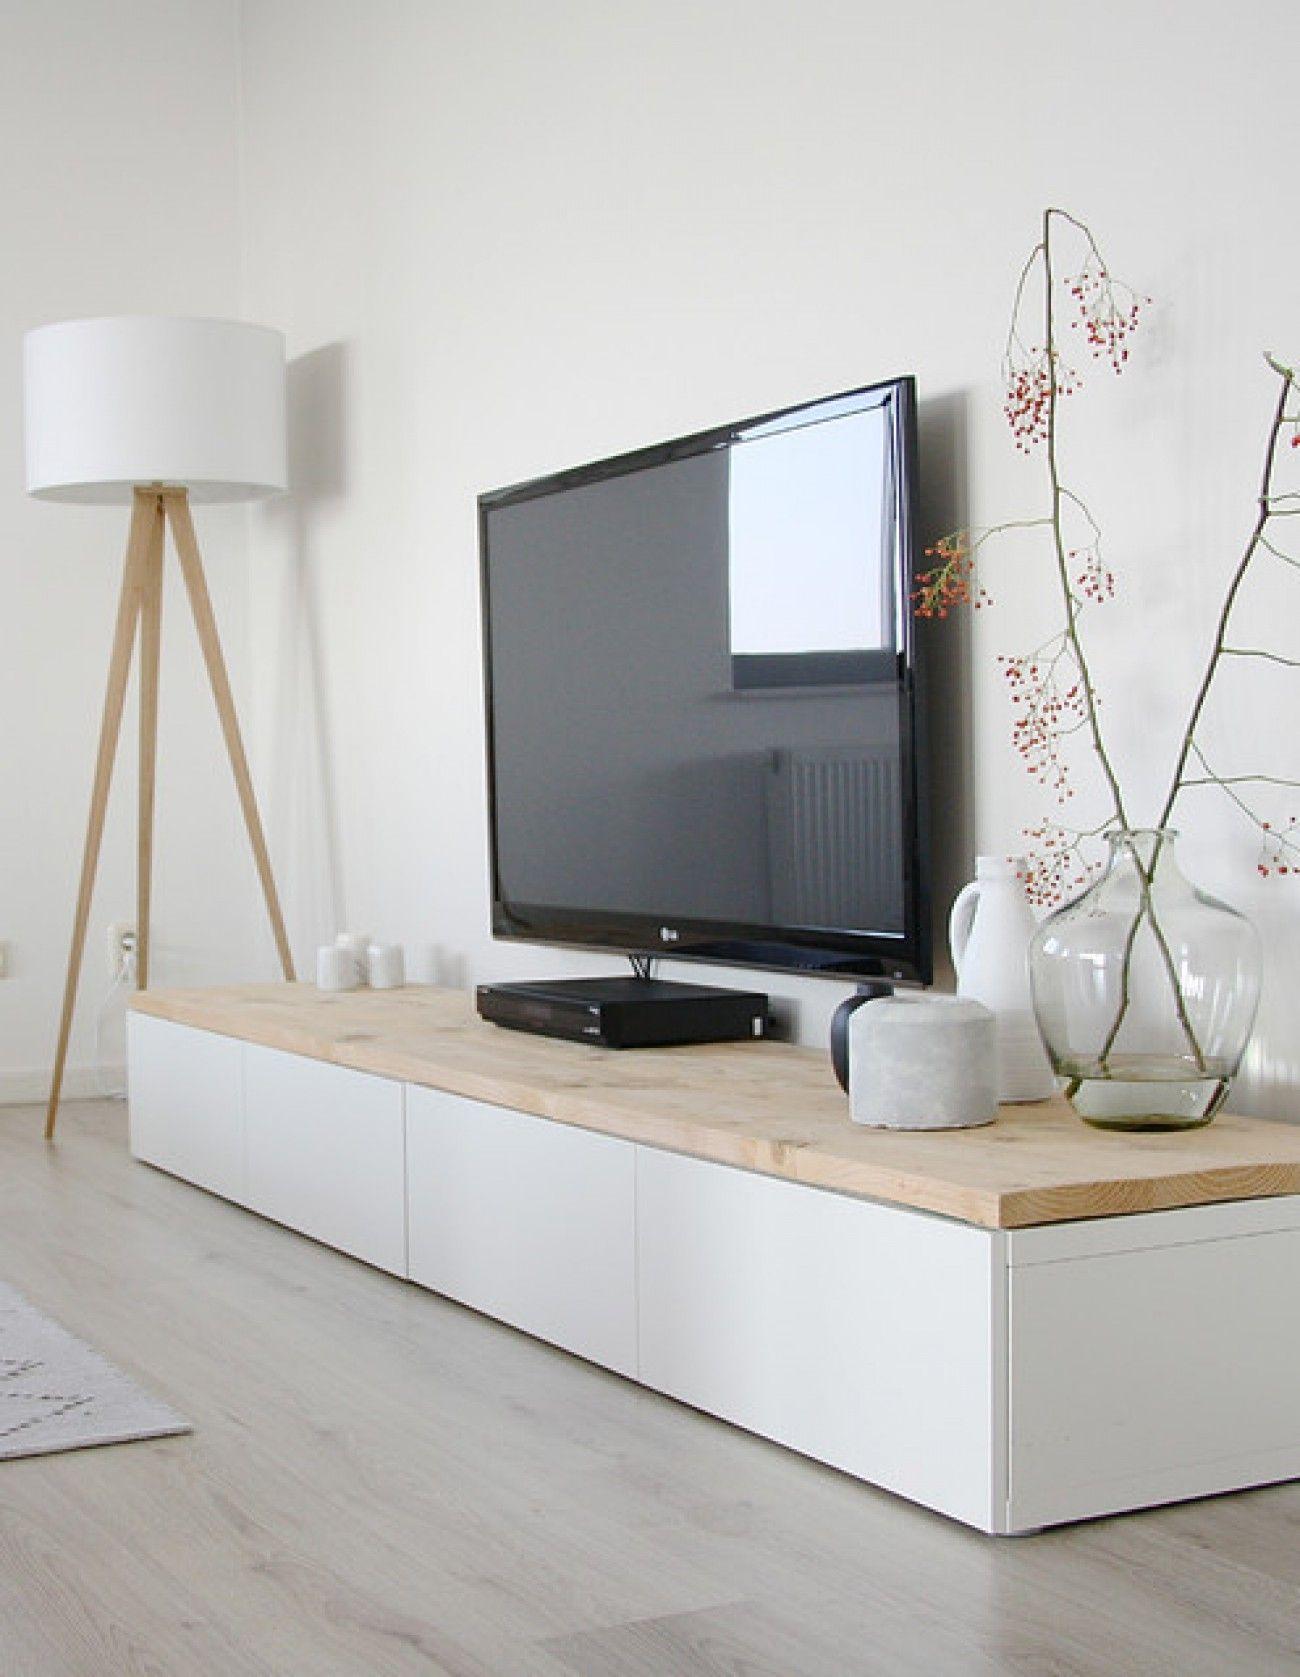 Ikea Besta Tv Meubel Met Houten Blad Slaapkamer L M Pinterest  # Diy Meuble Tv Scandinave